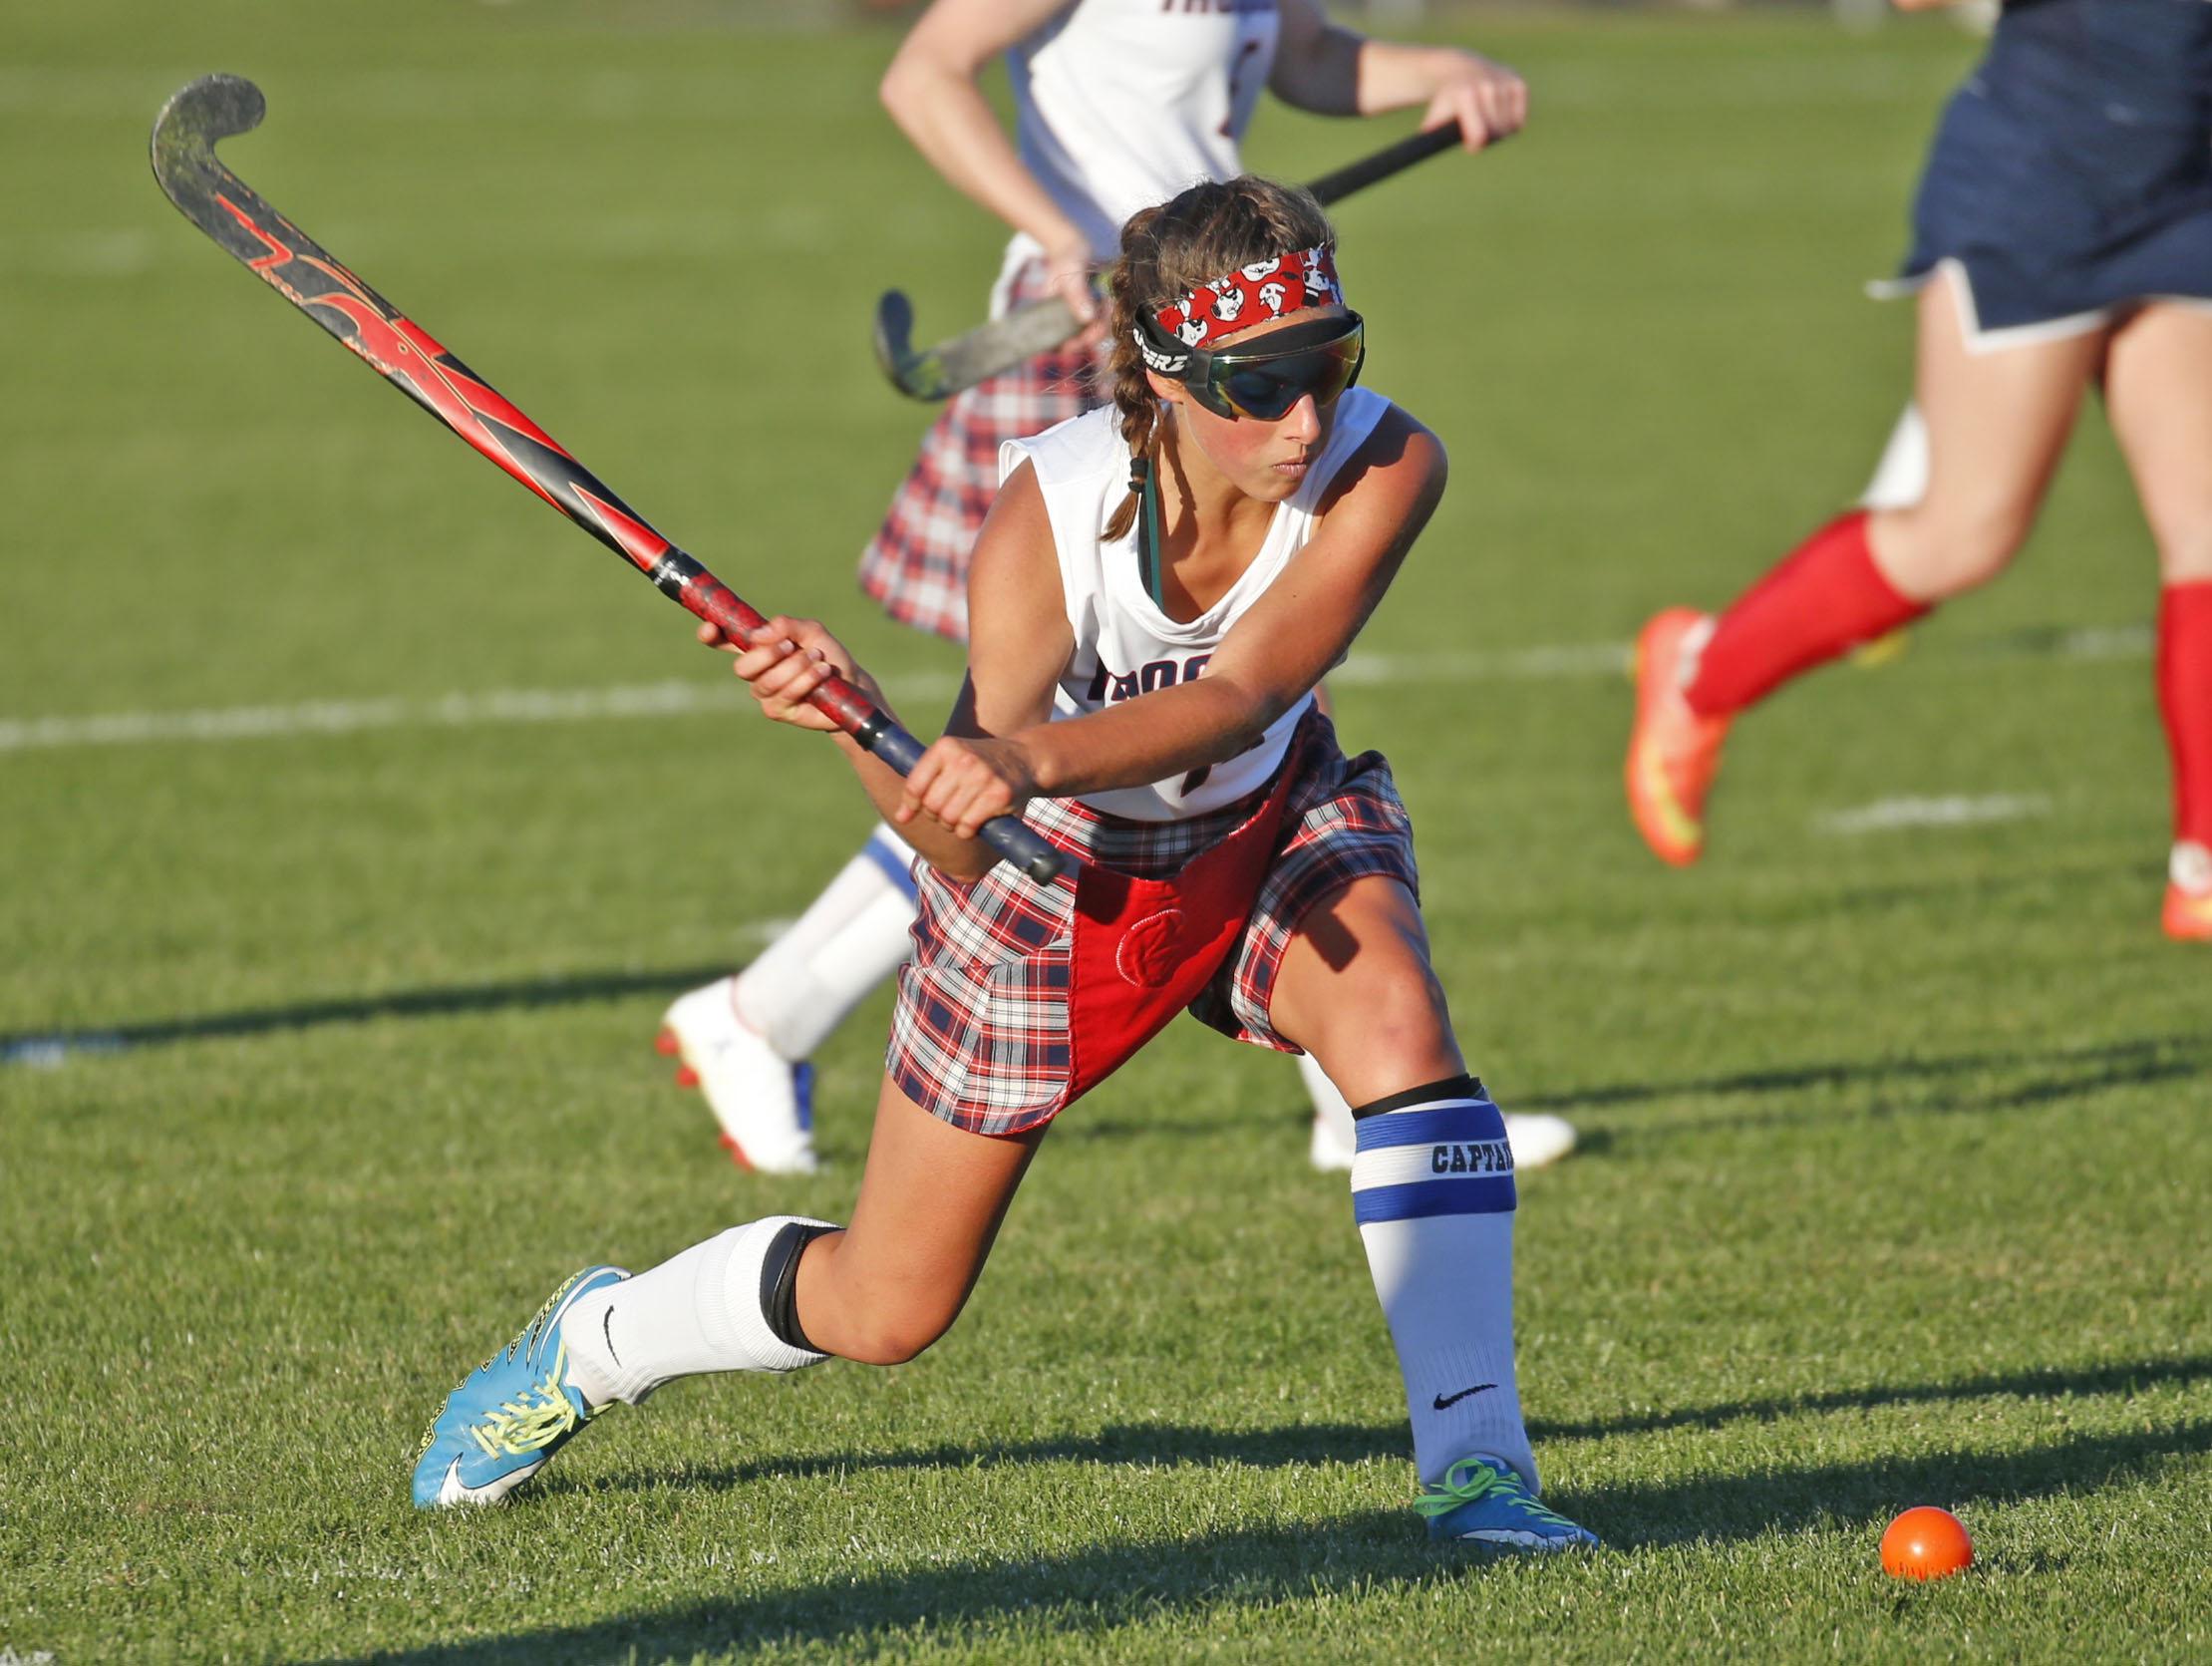 Chantel Gauthier and her Iroquois field hockey team want to keep winning. (Robert Kirkham/Buffalo News)